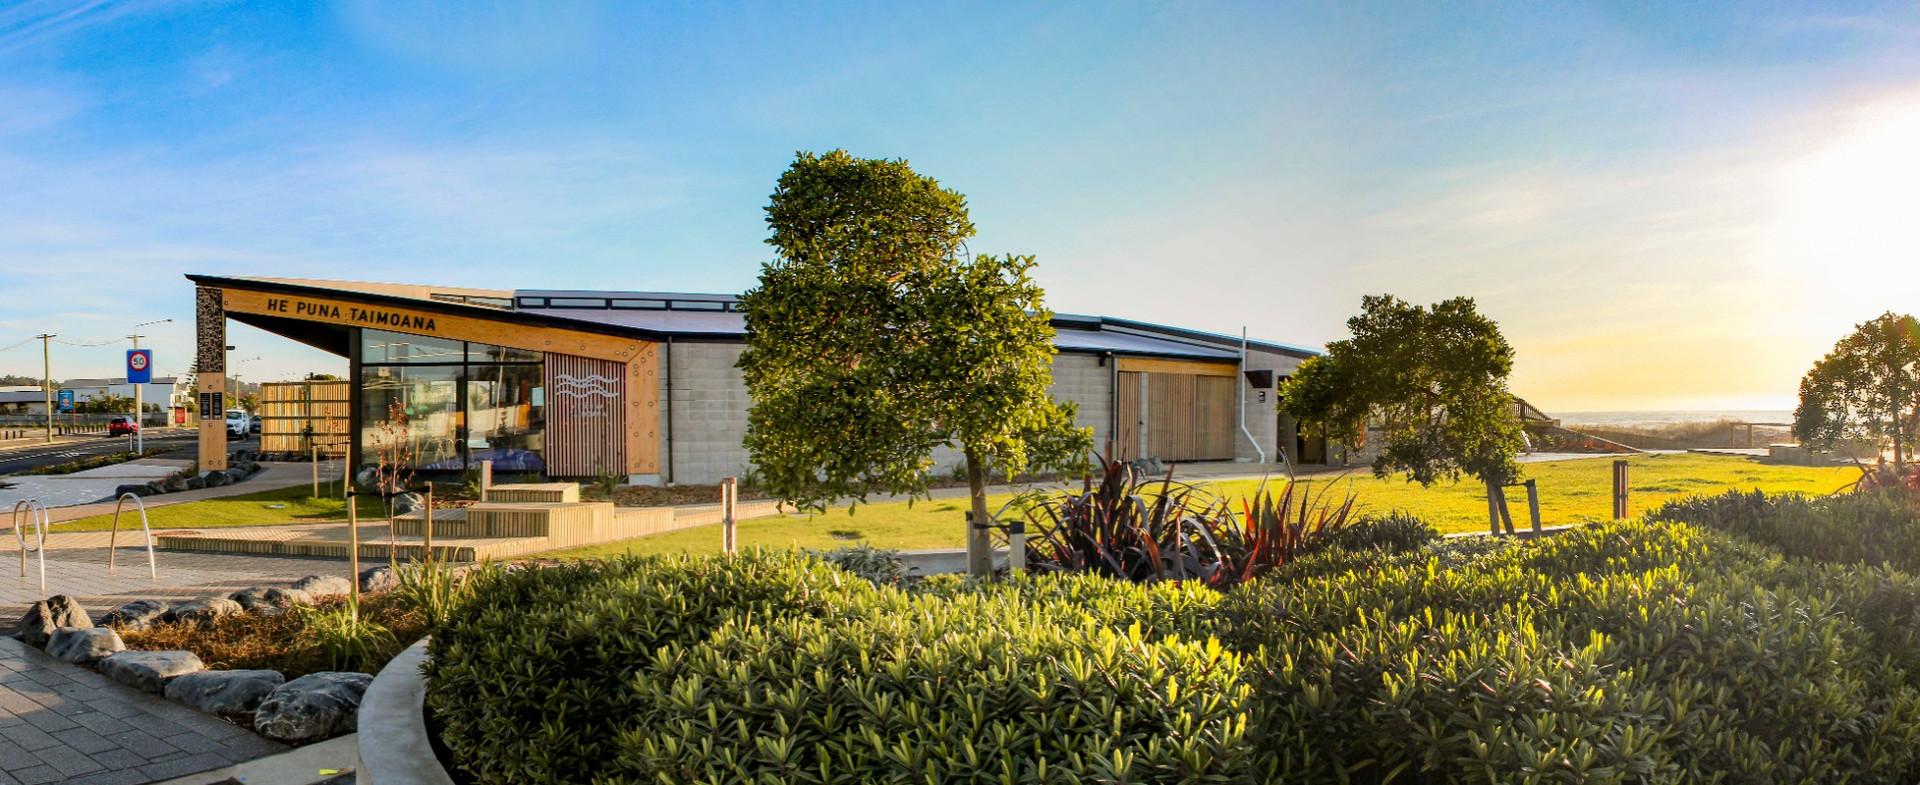 He-Puna-Taimoana-Landscape-architecture